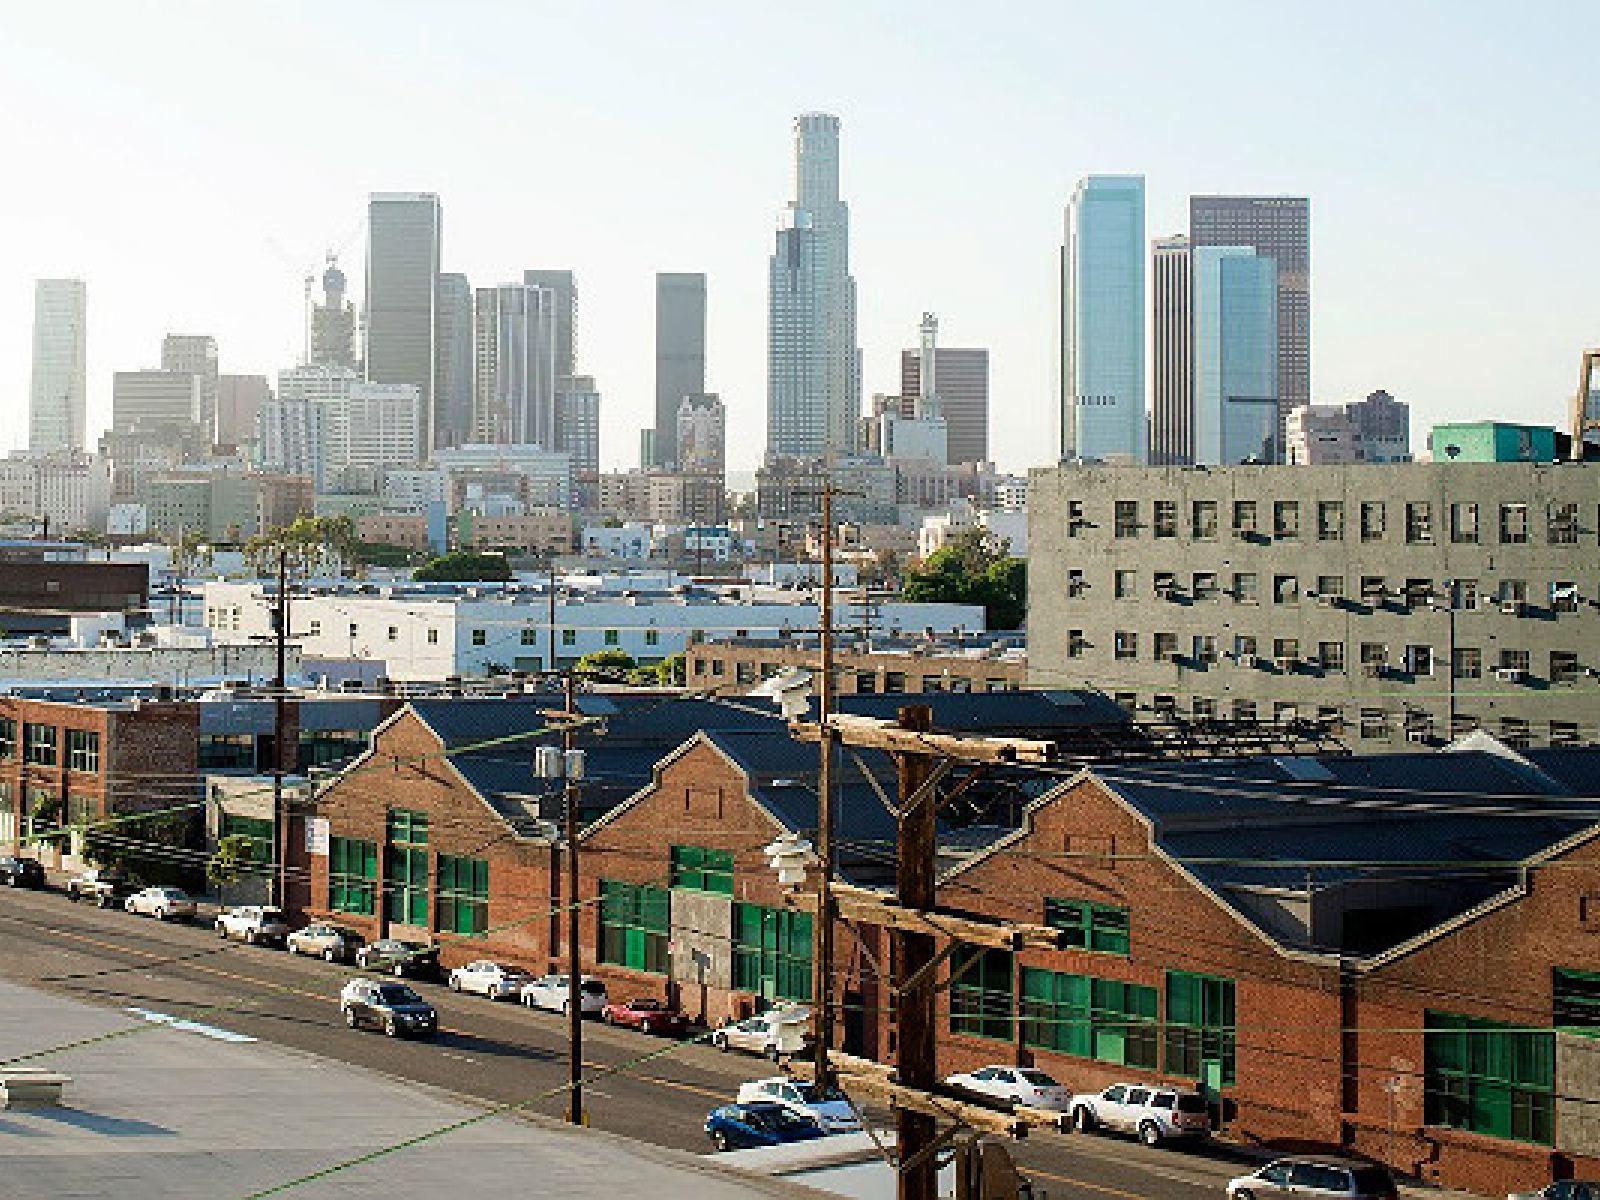 Main image for article titled Un itinéraire visuel à faire à pied dans l'Arts District de Downtown L.A.